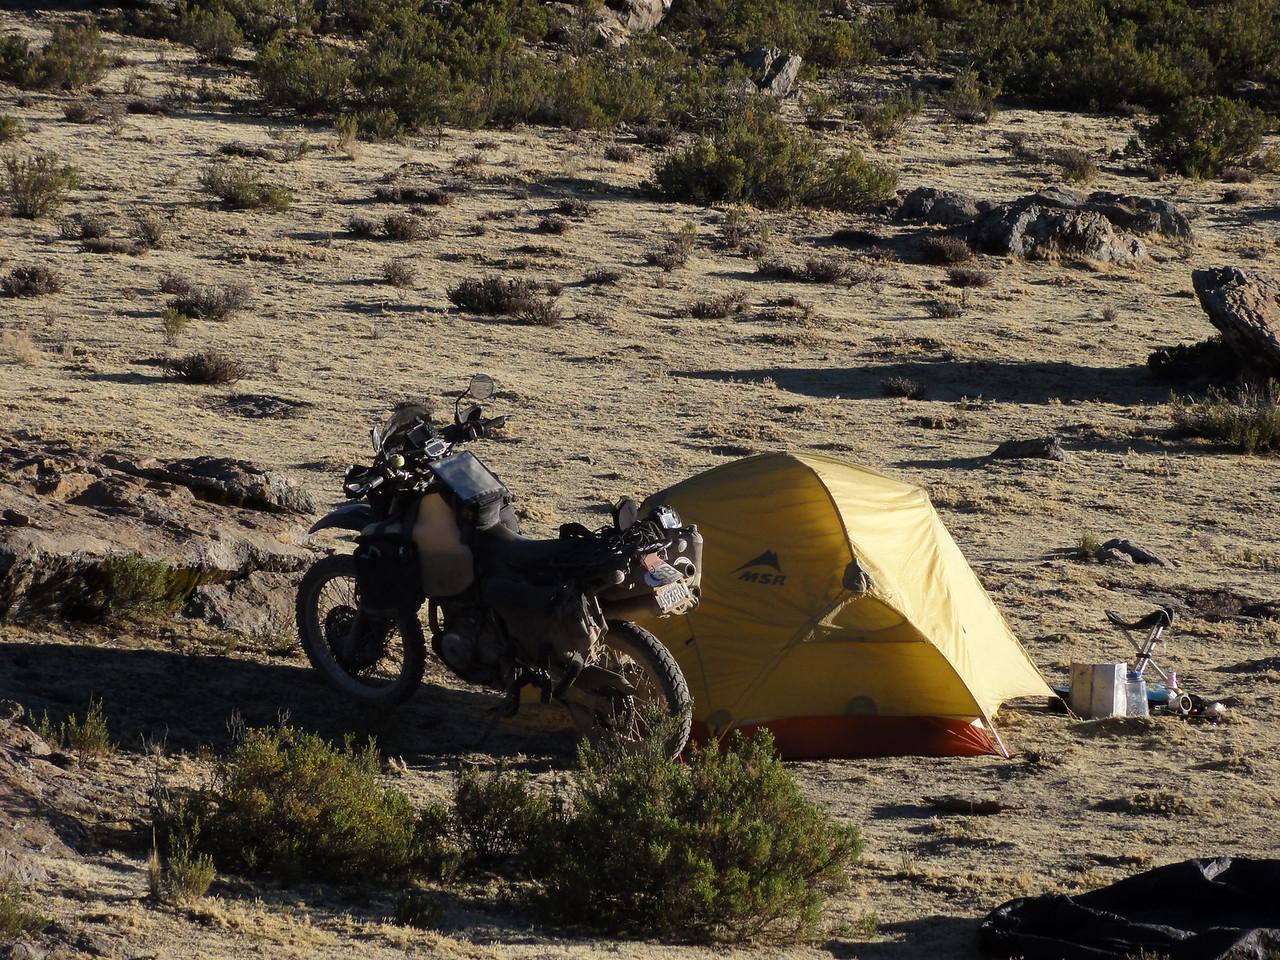 Bush camping SE of Caylloma on the Caylloma - Sibayo road, Peru at 4330m